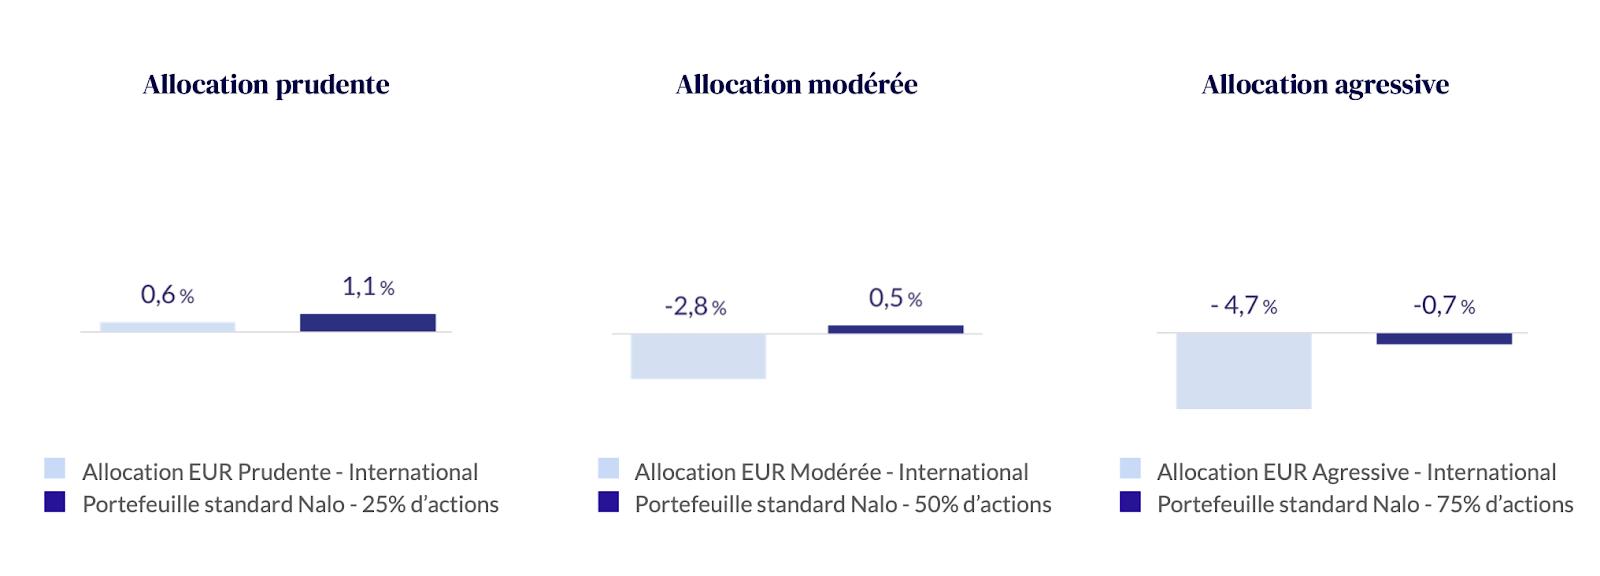 Performances comparées en 2020 du portefeuille standard de Nalo et des performances moyennes (fournies par Morningstar*) de 1 760 fonds patrimoniaux, proposant des allocations internationales en devise euro.